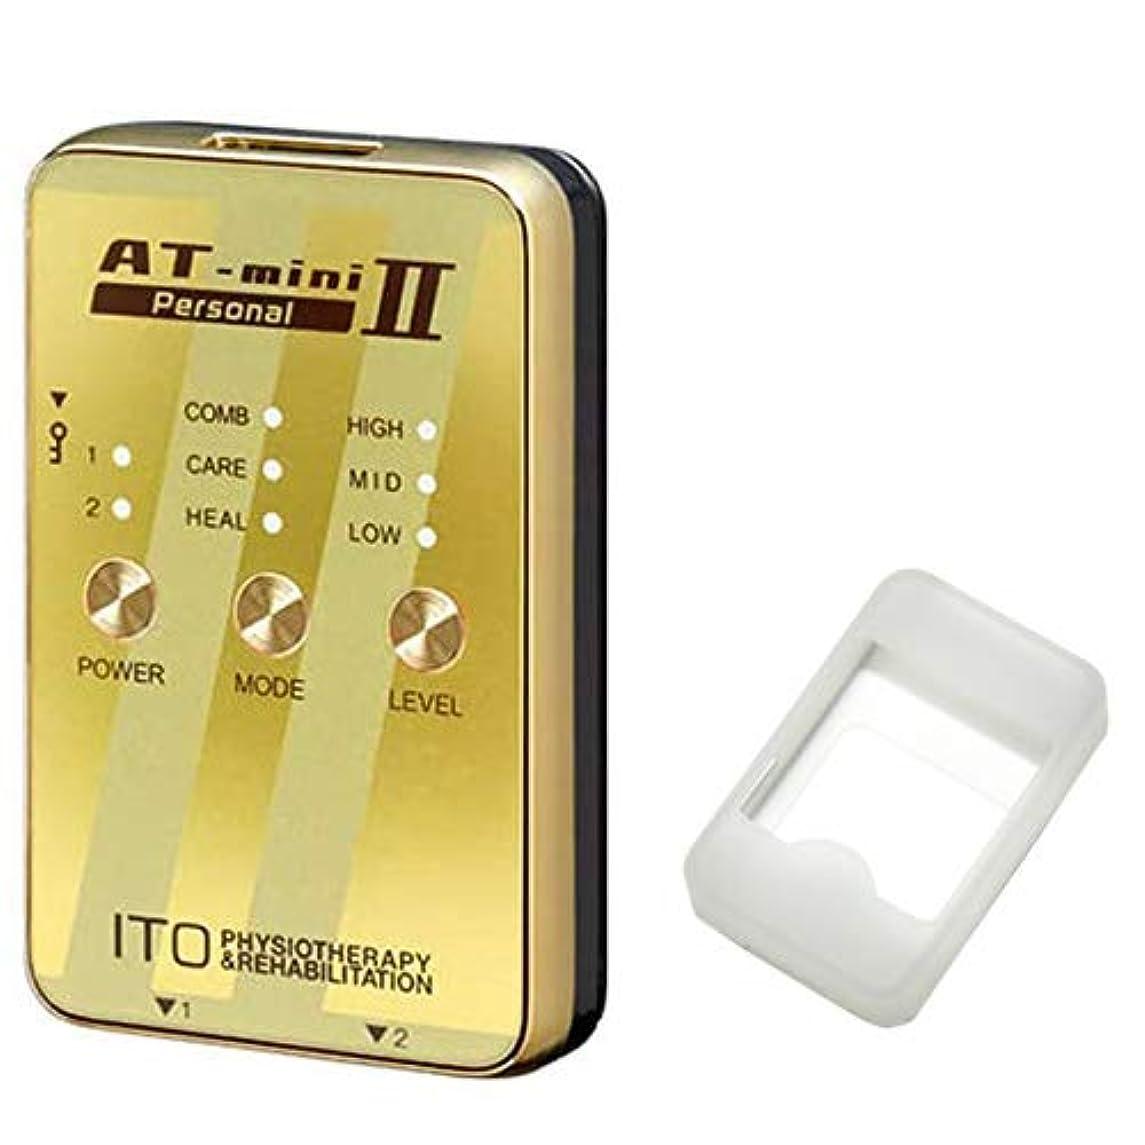 熟考する物思いにふけるオーナー低周波治療器 AT-mini personal II ゴールド (ATミニパーソナル2) + シリコン保護ケース